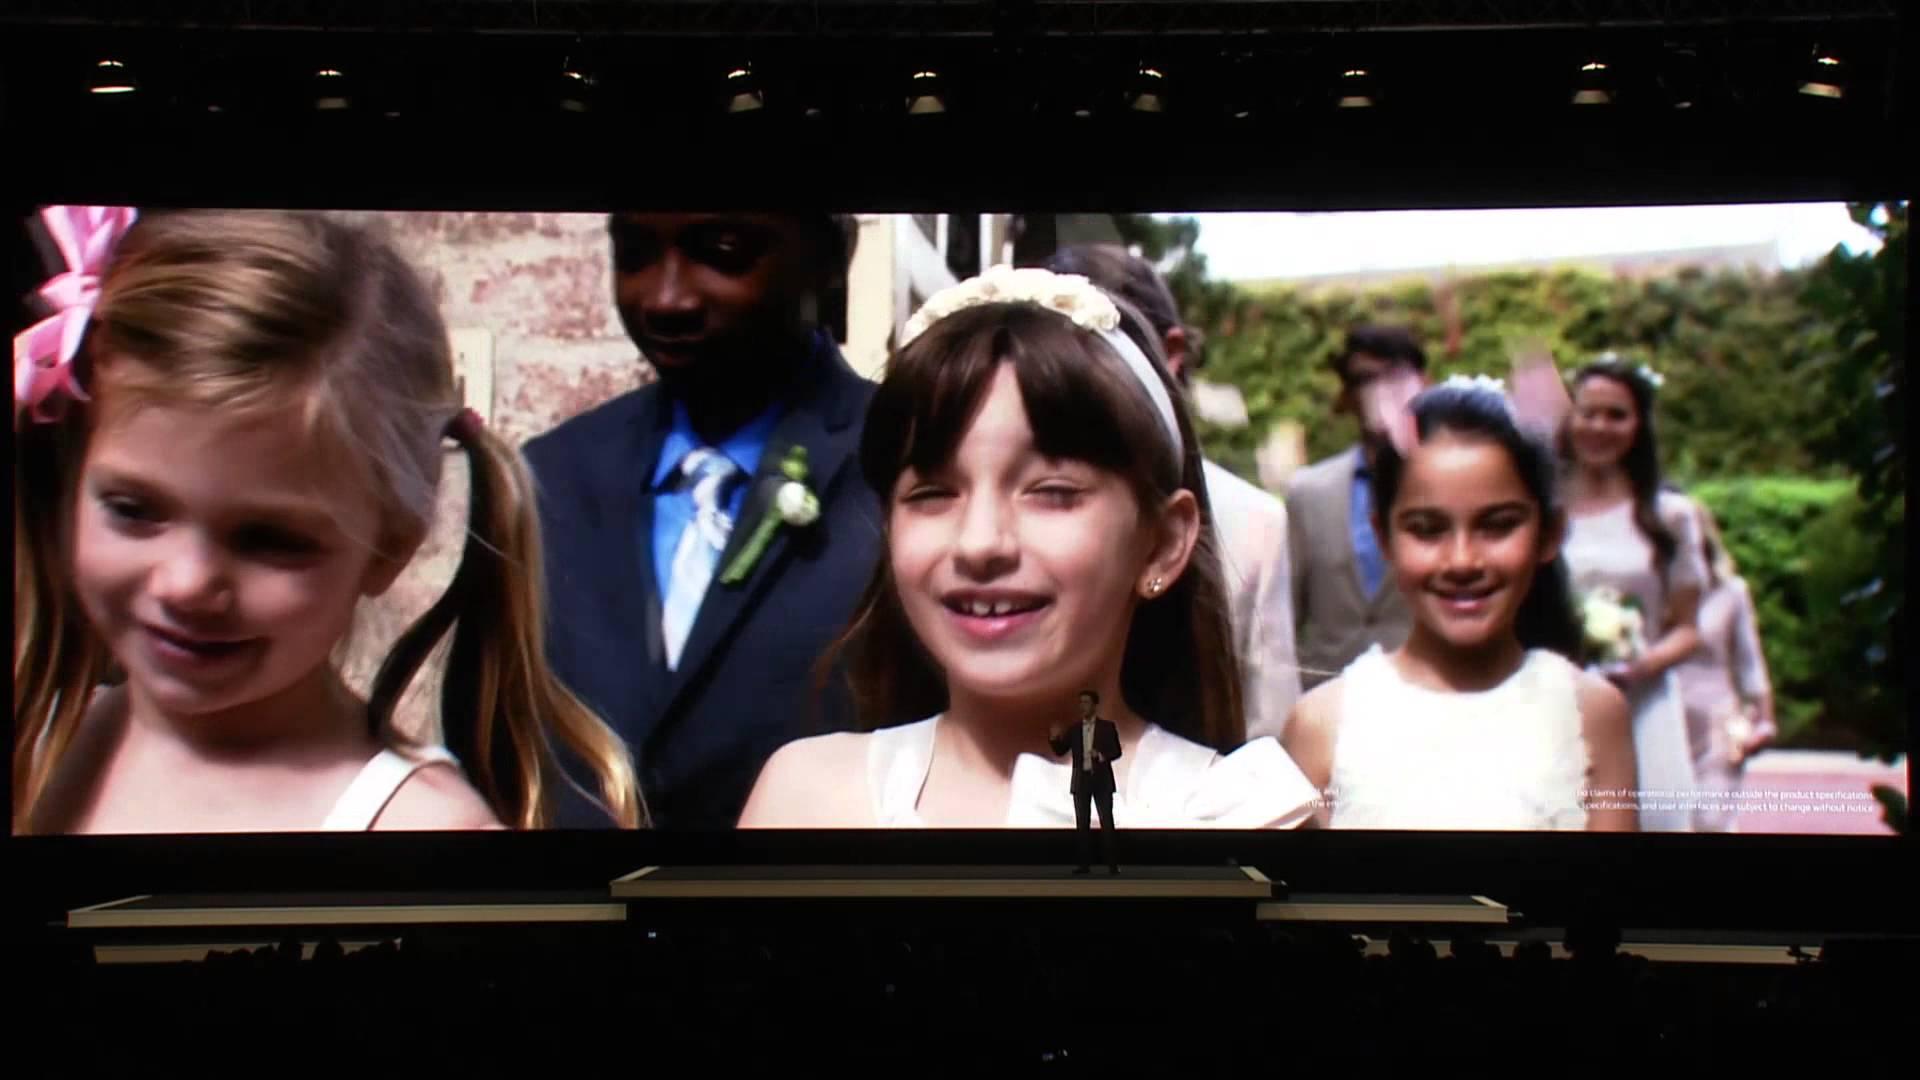 Video – Samsungs Upacked præsentation i fuld længde